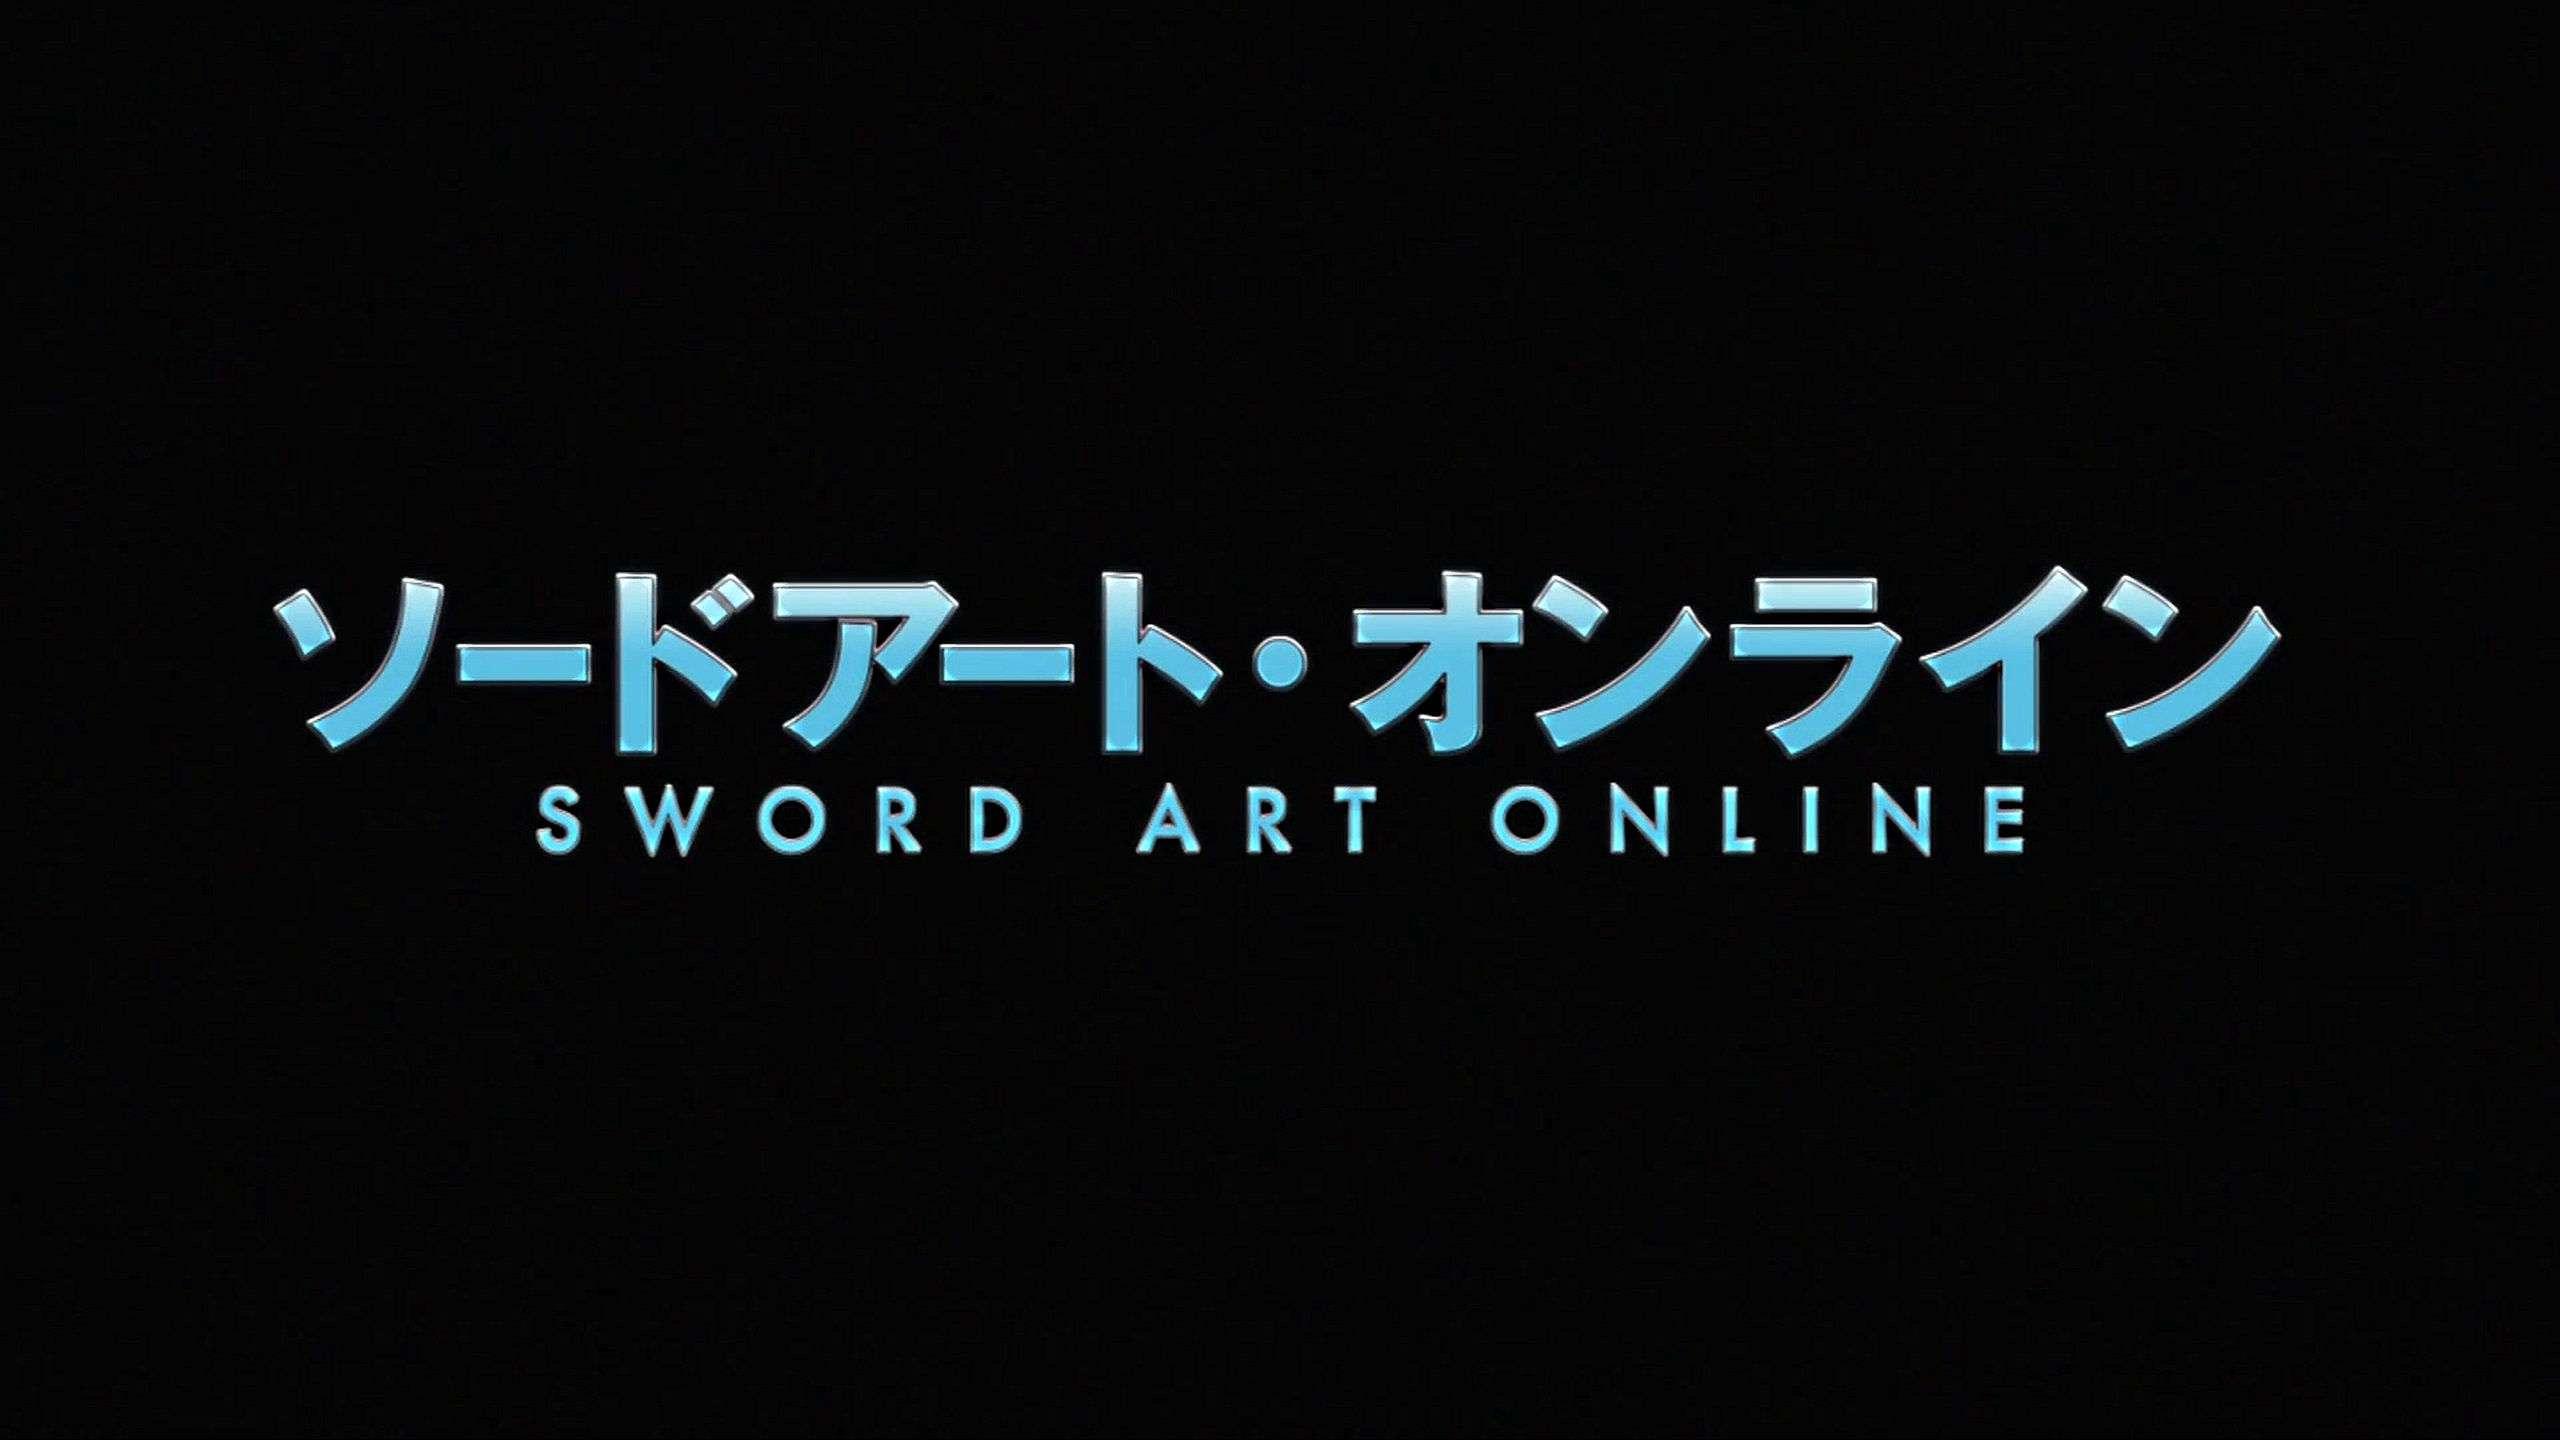 Sword Art Online Anime Wallpaper 019